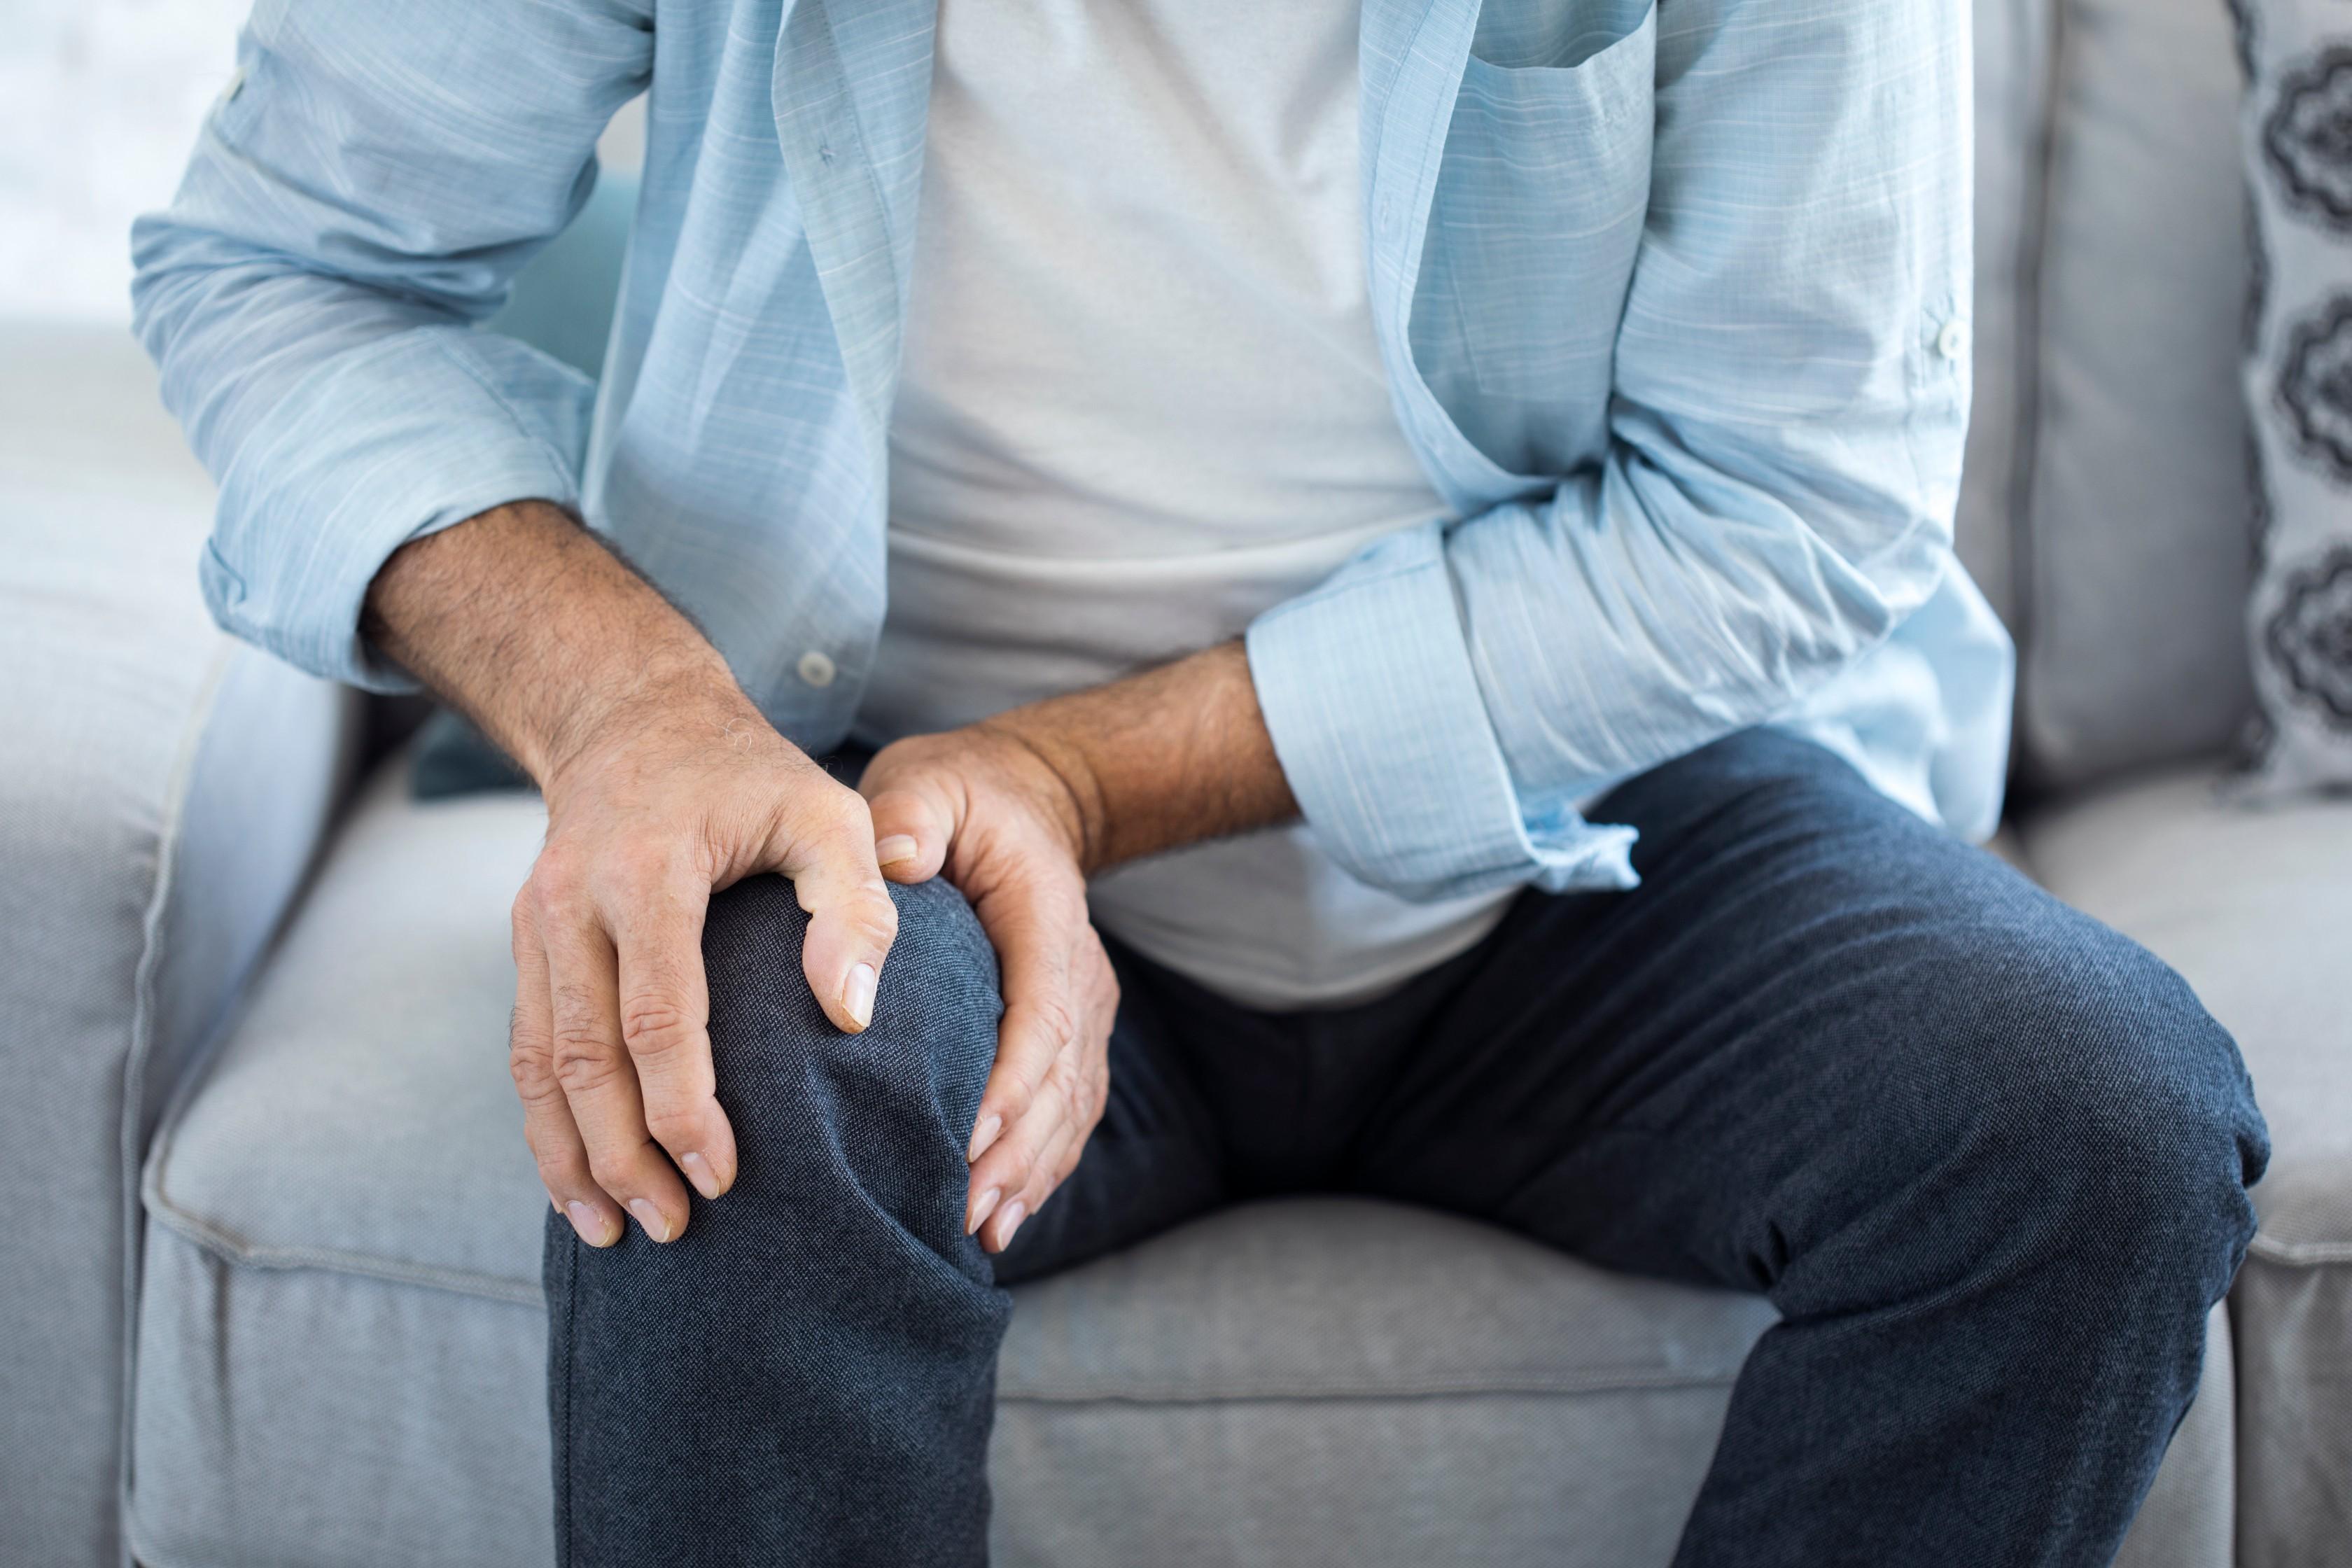 ízületi fájdalommal milyen orvos